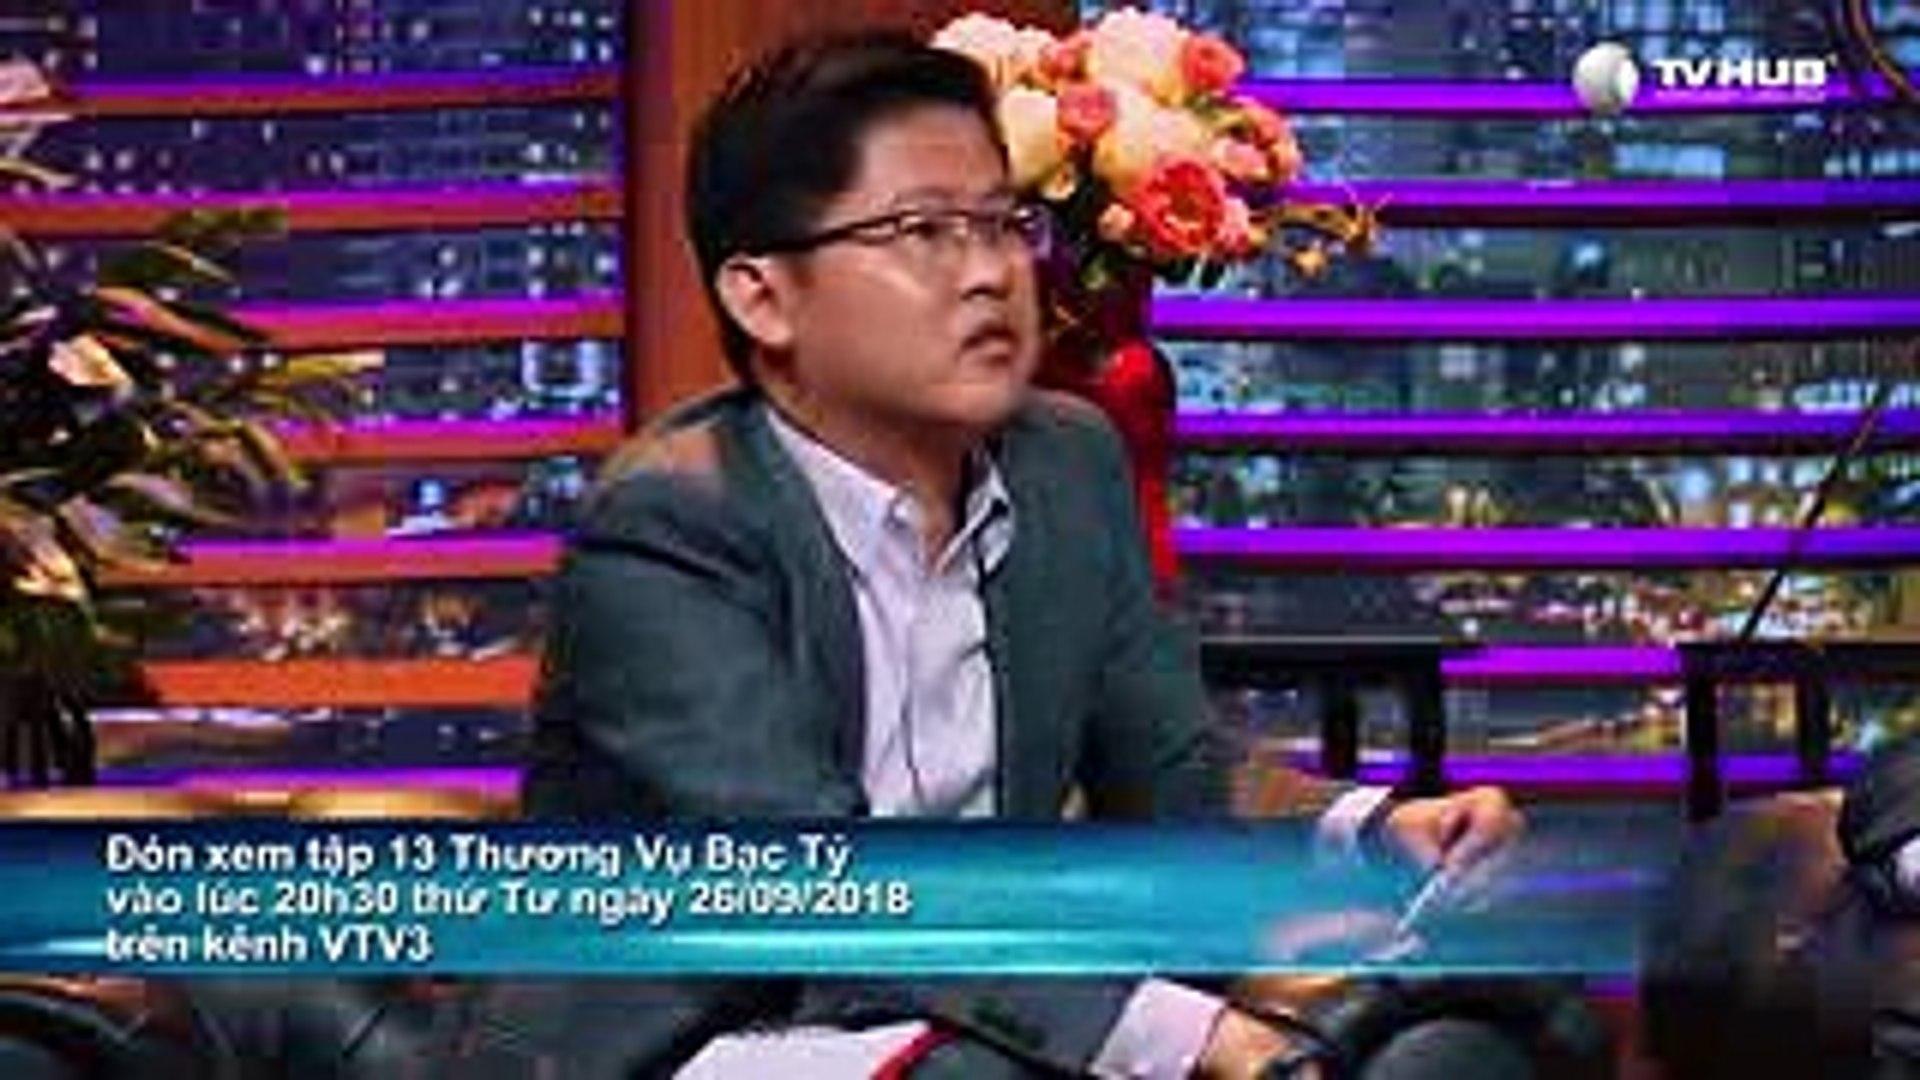 [Trailer Tập 13] Chiêu Của Shark Phú Là Gì Nhỉ  Shark Tank Việt Nam  Thương Vụ Bạc Tỷ  Mùa 2